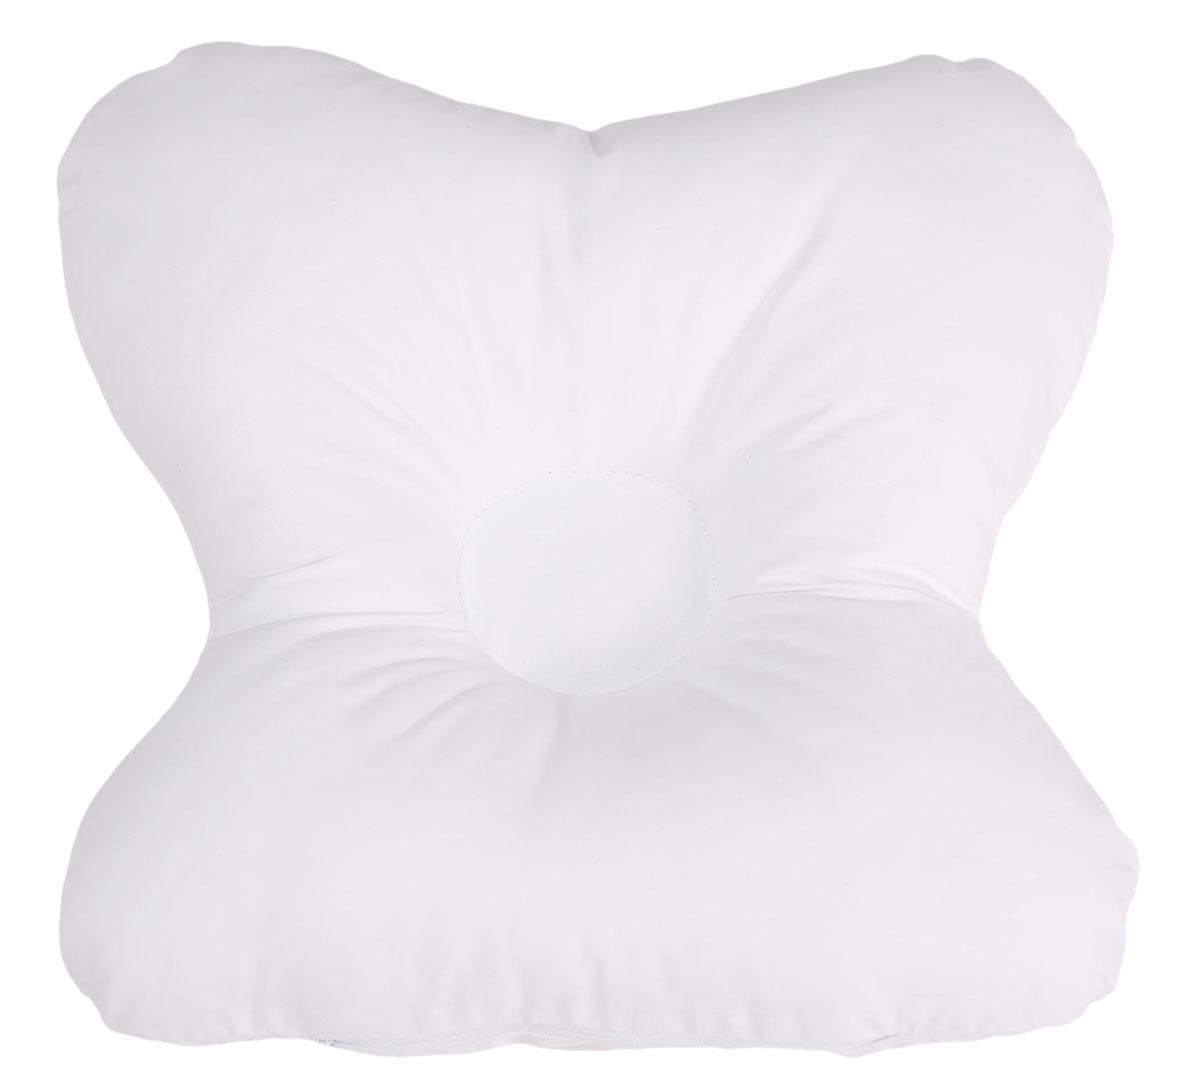 Bio-Textiles Подушка детская Малютка, наполнитель: лебяжий пух; цвет: белый. 27 х 24 см. M094 все цены